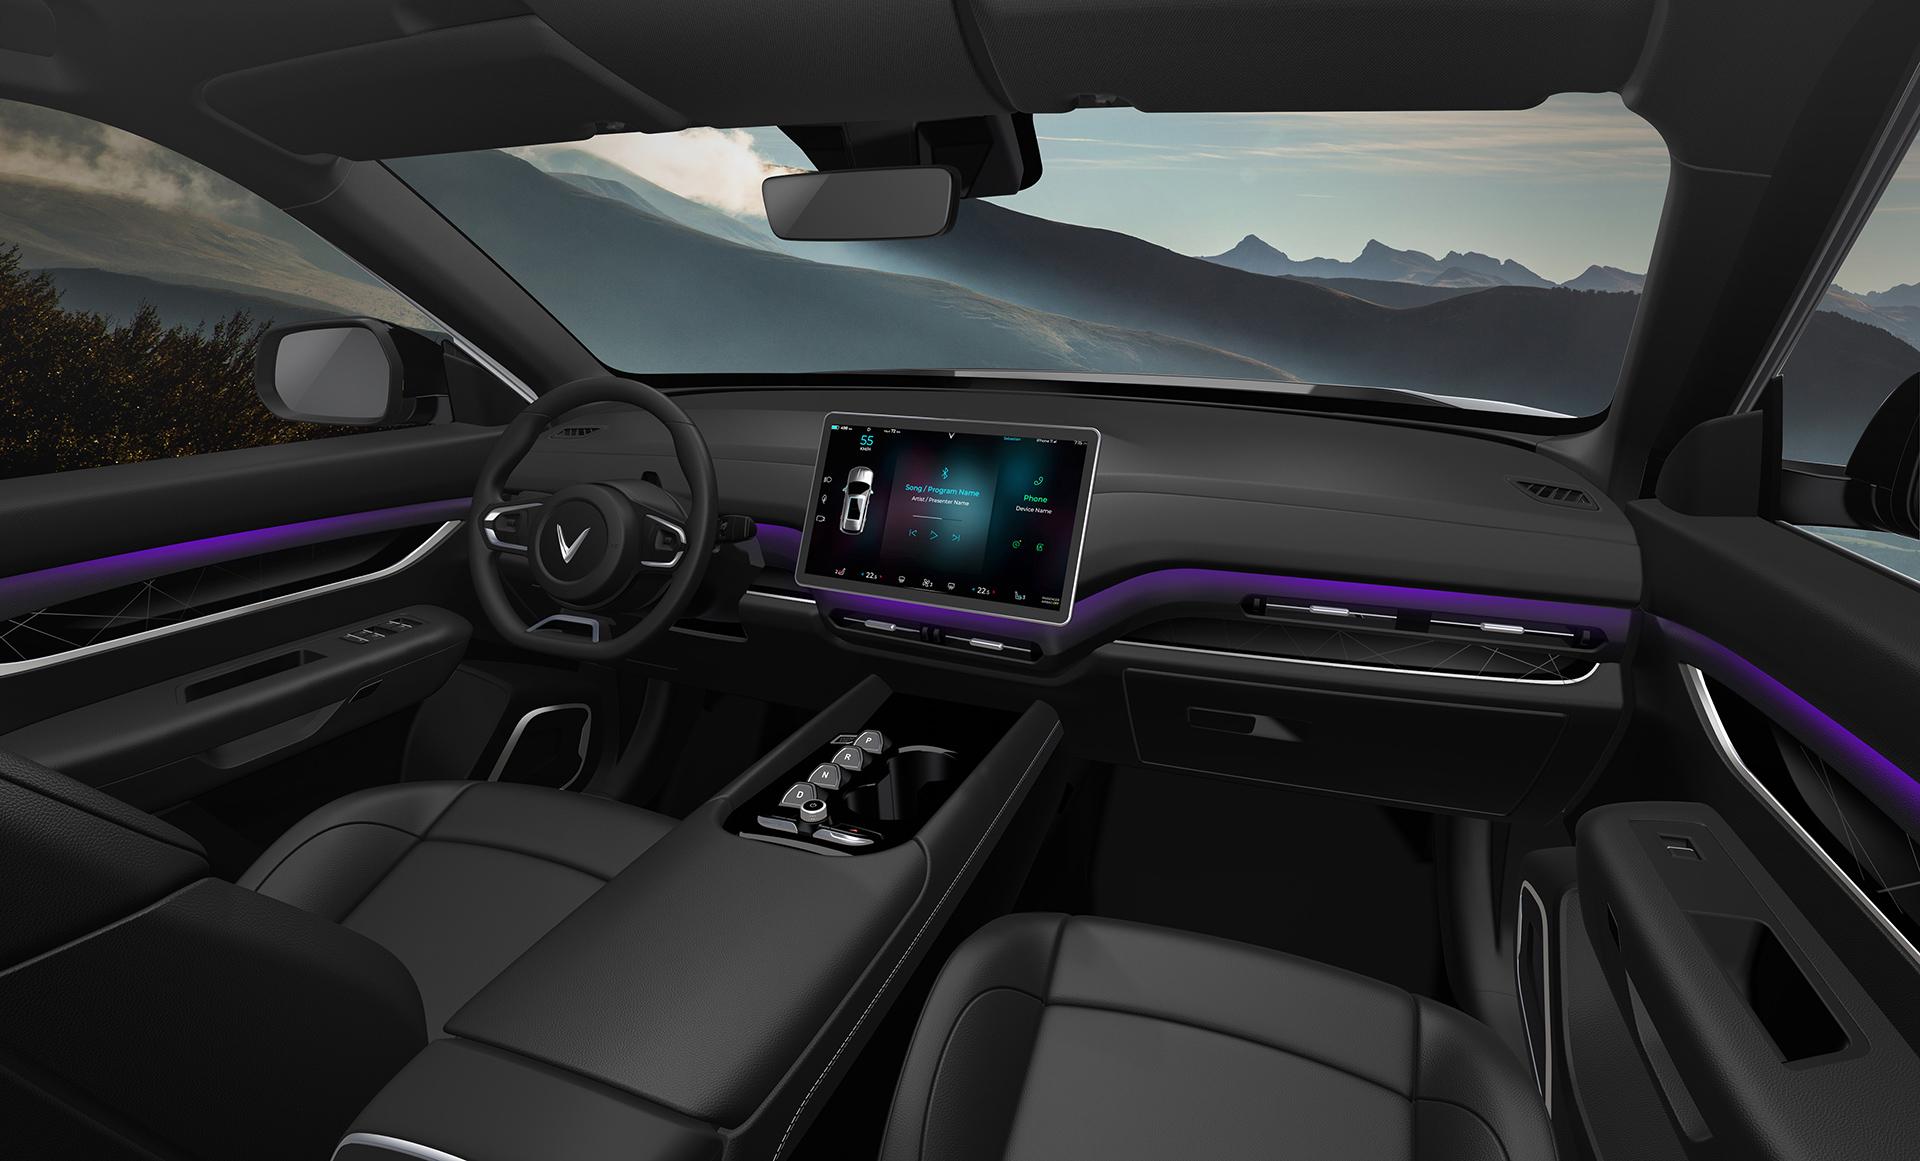 VinFast ra mắt 3 dòng ô tô điện tự lái - Khẳng định tầm nhìn trở thành hãng xe điện thông minh toàn cầu 12